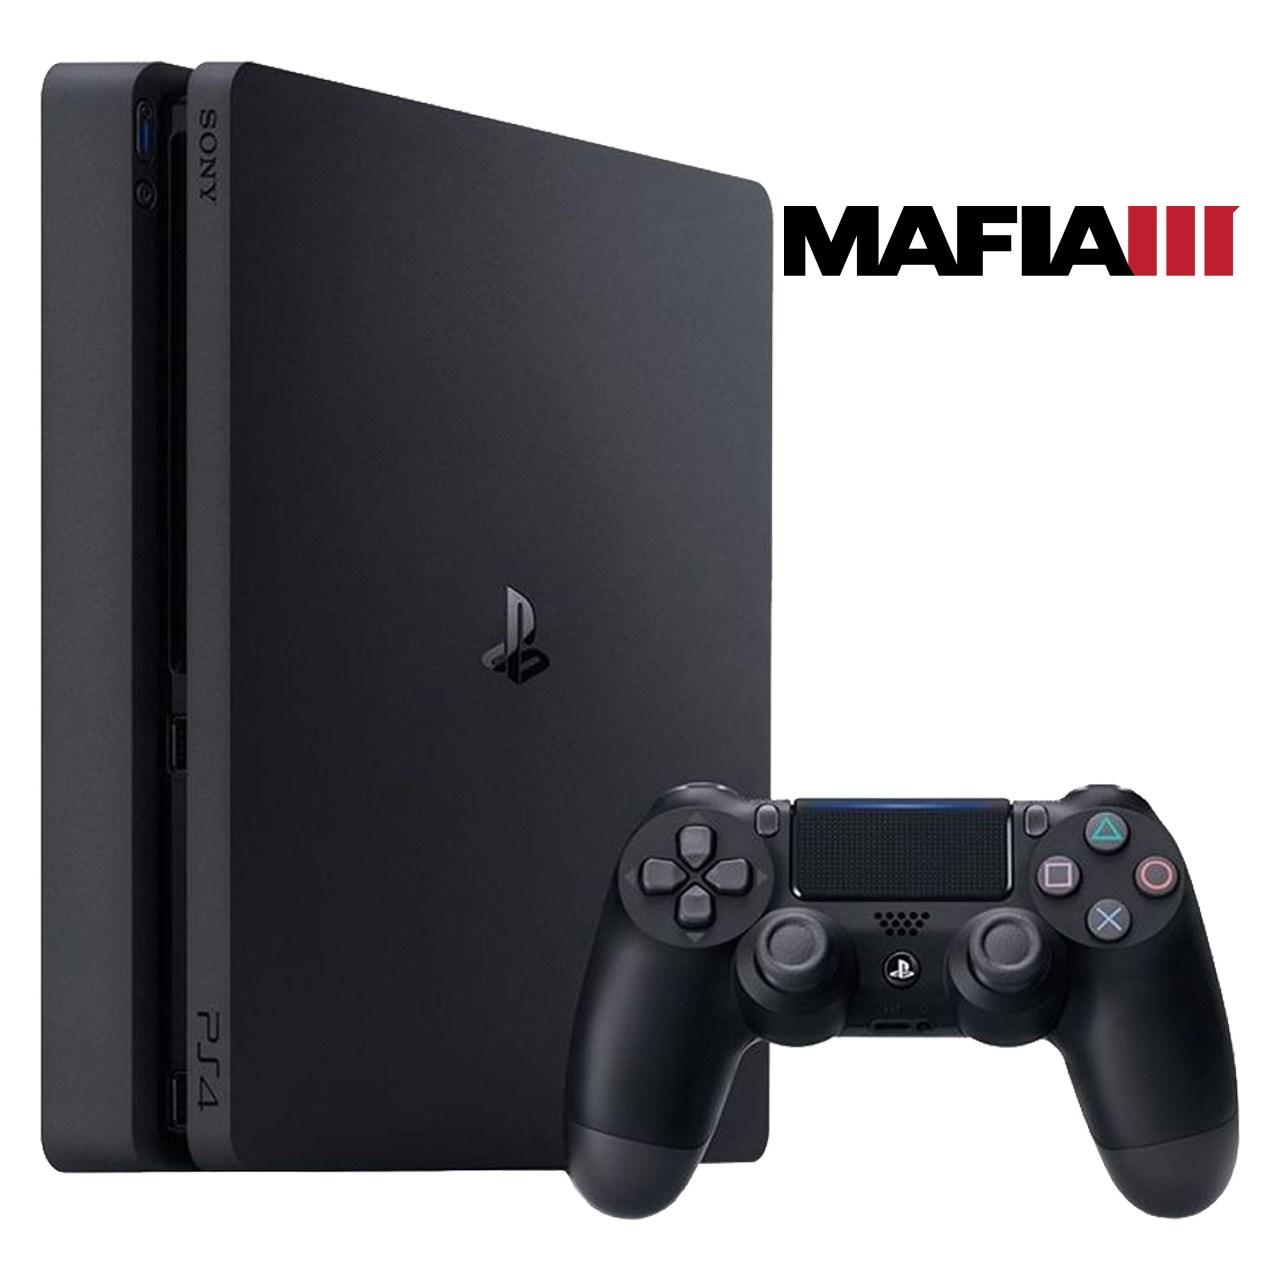 پلی استیشن 4 اسلیم 1 ترابایت Region2 | PlayStation 4 Slim 1TB Region2